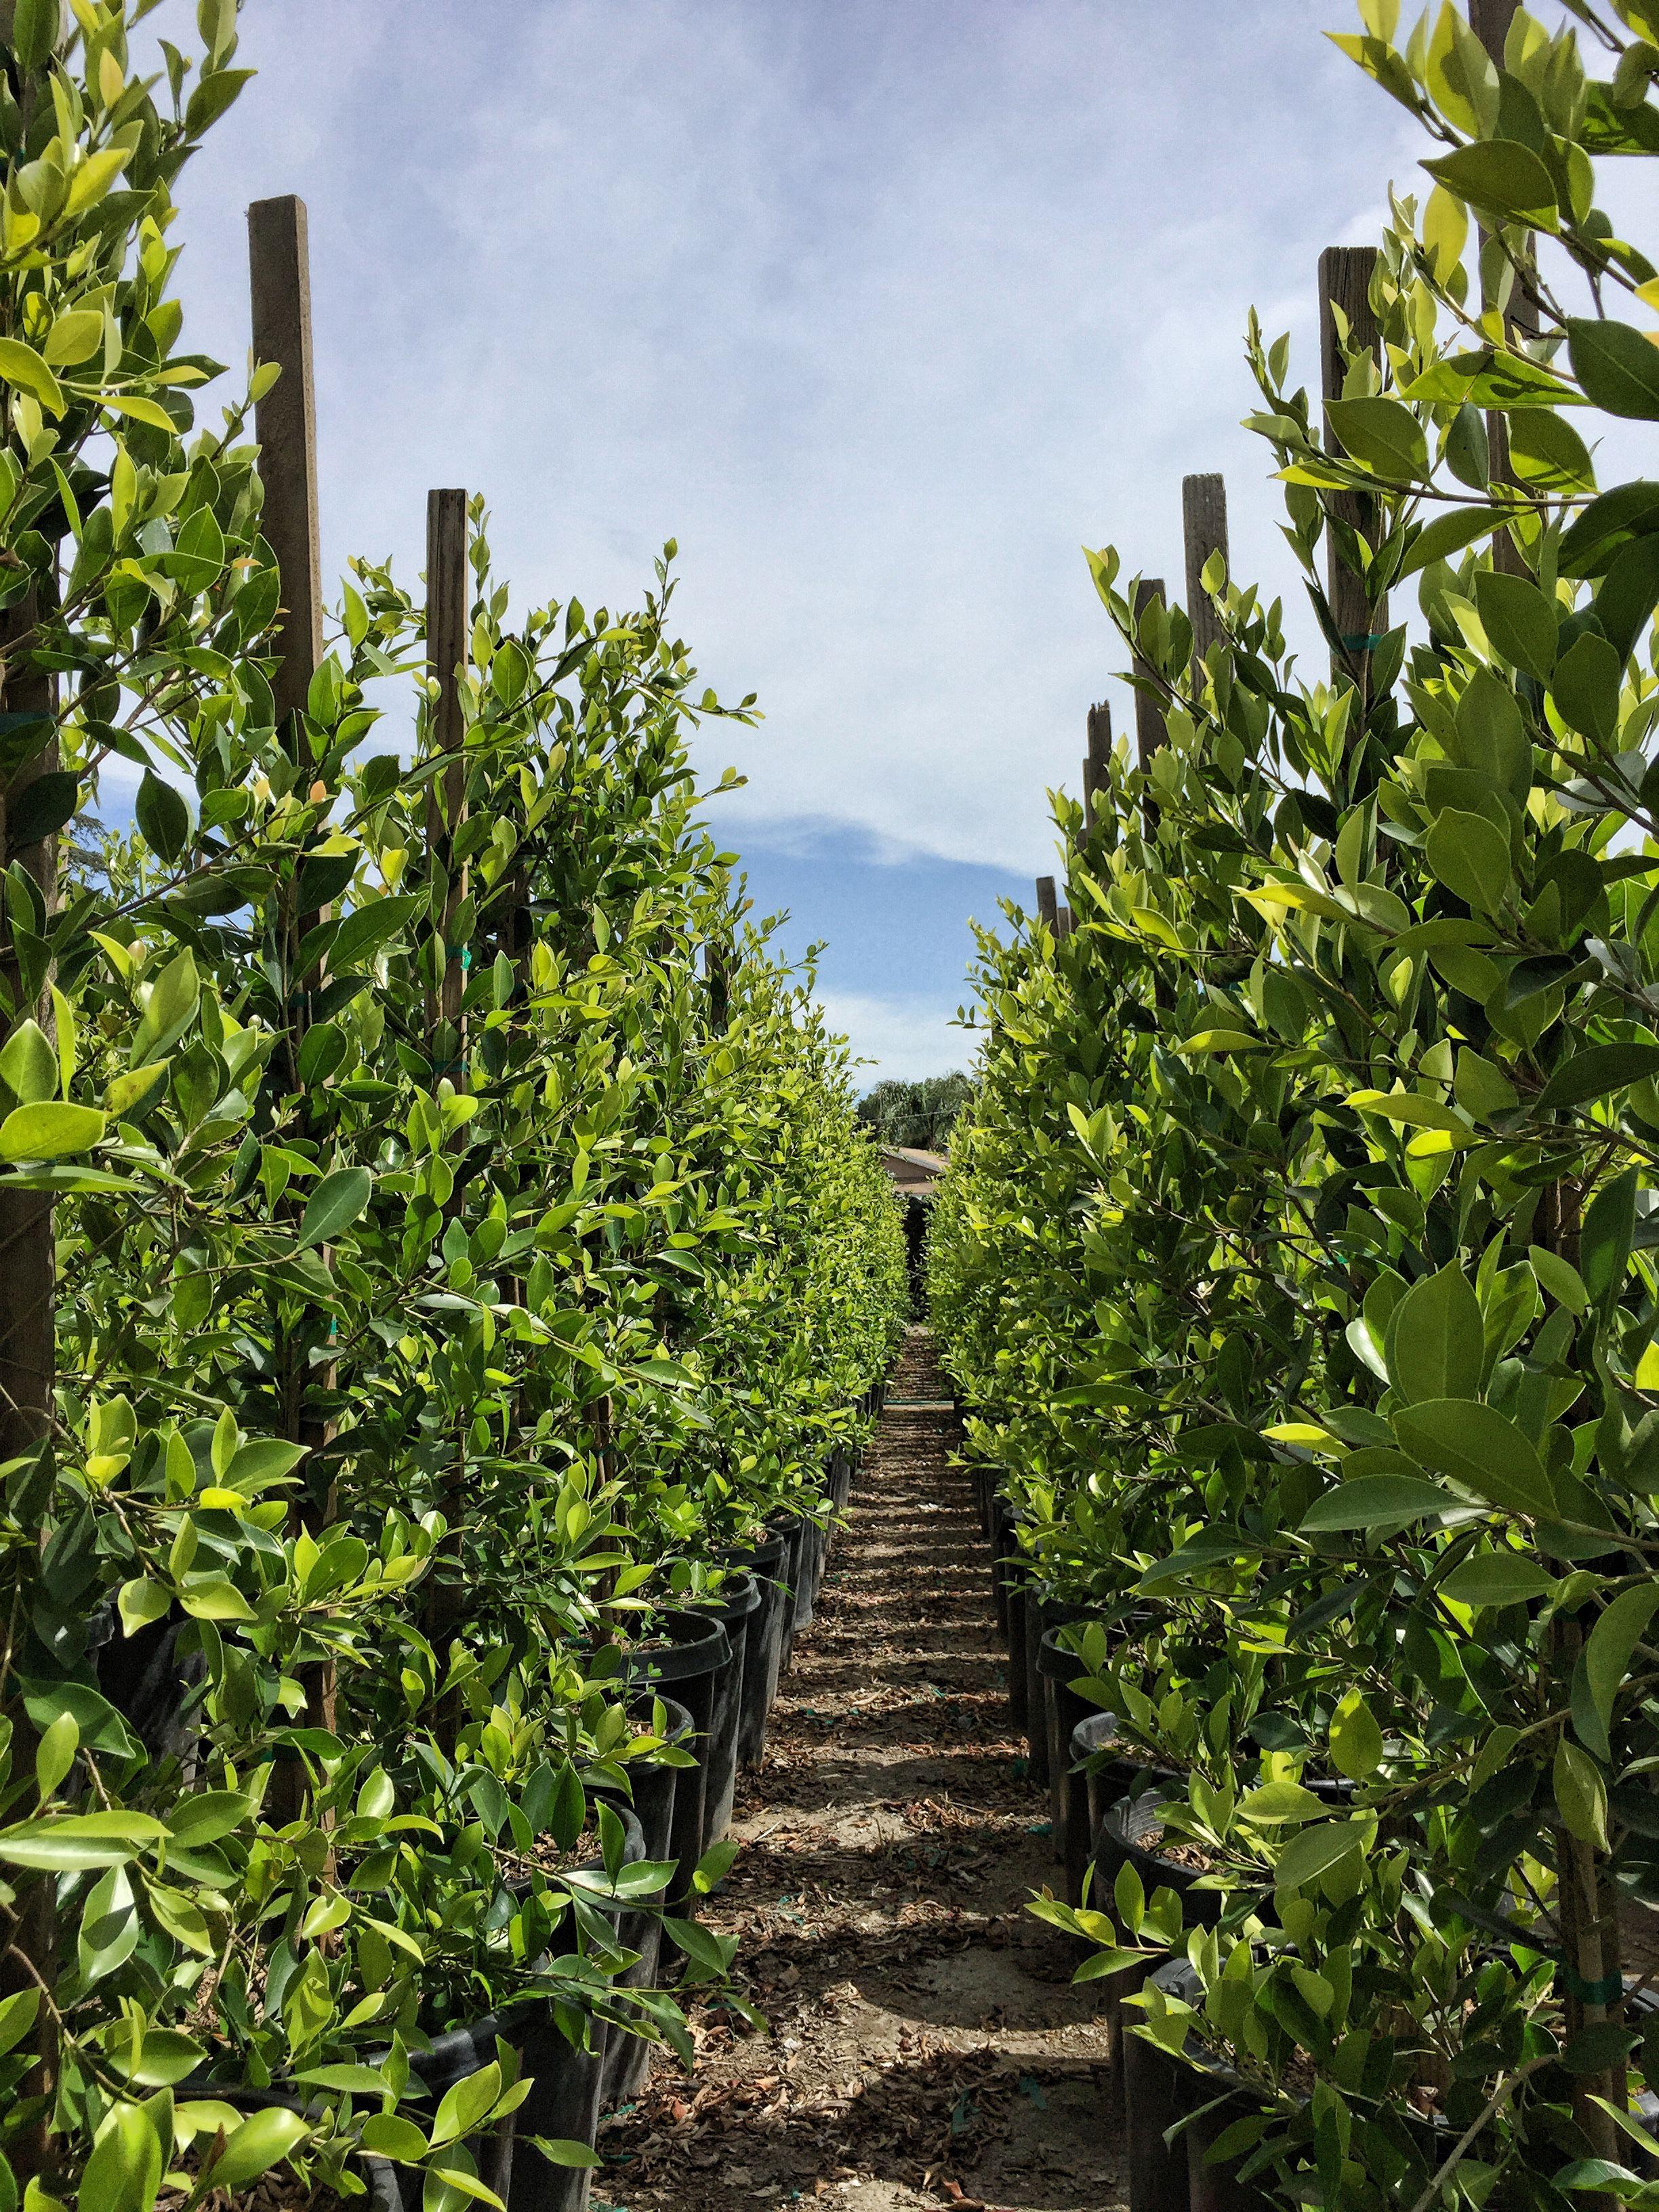 AlvarezNursery #Panoramic #Plant #Plants #Landscaping